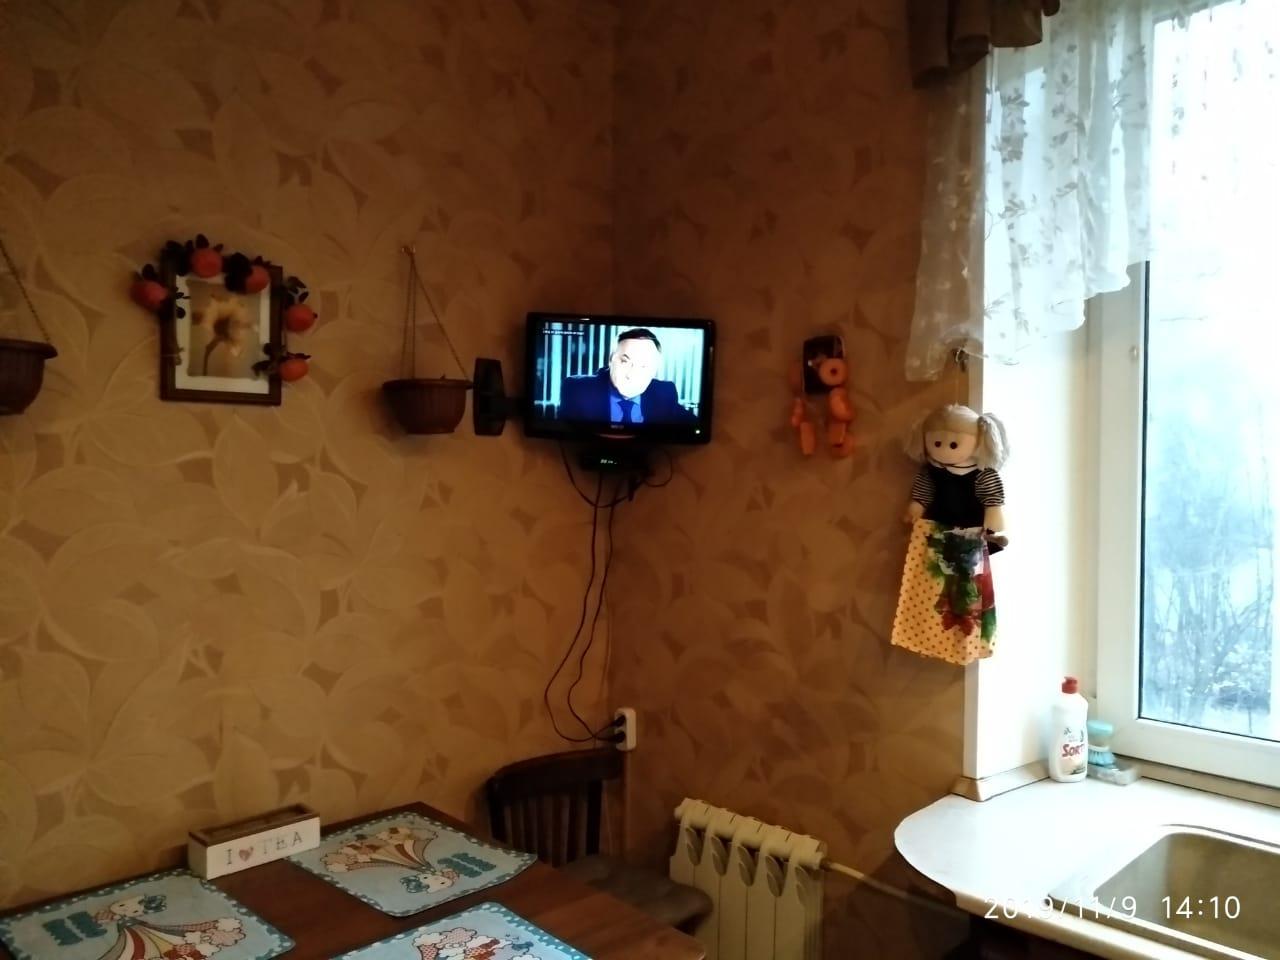 Квартира, 1 комната, 37 м² в Жуковском 89776056514 купить 3